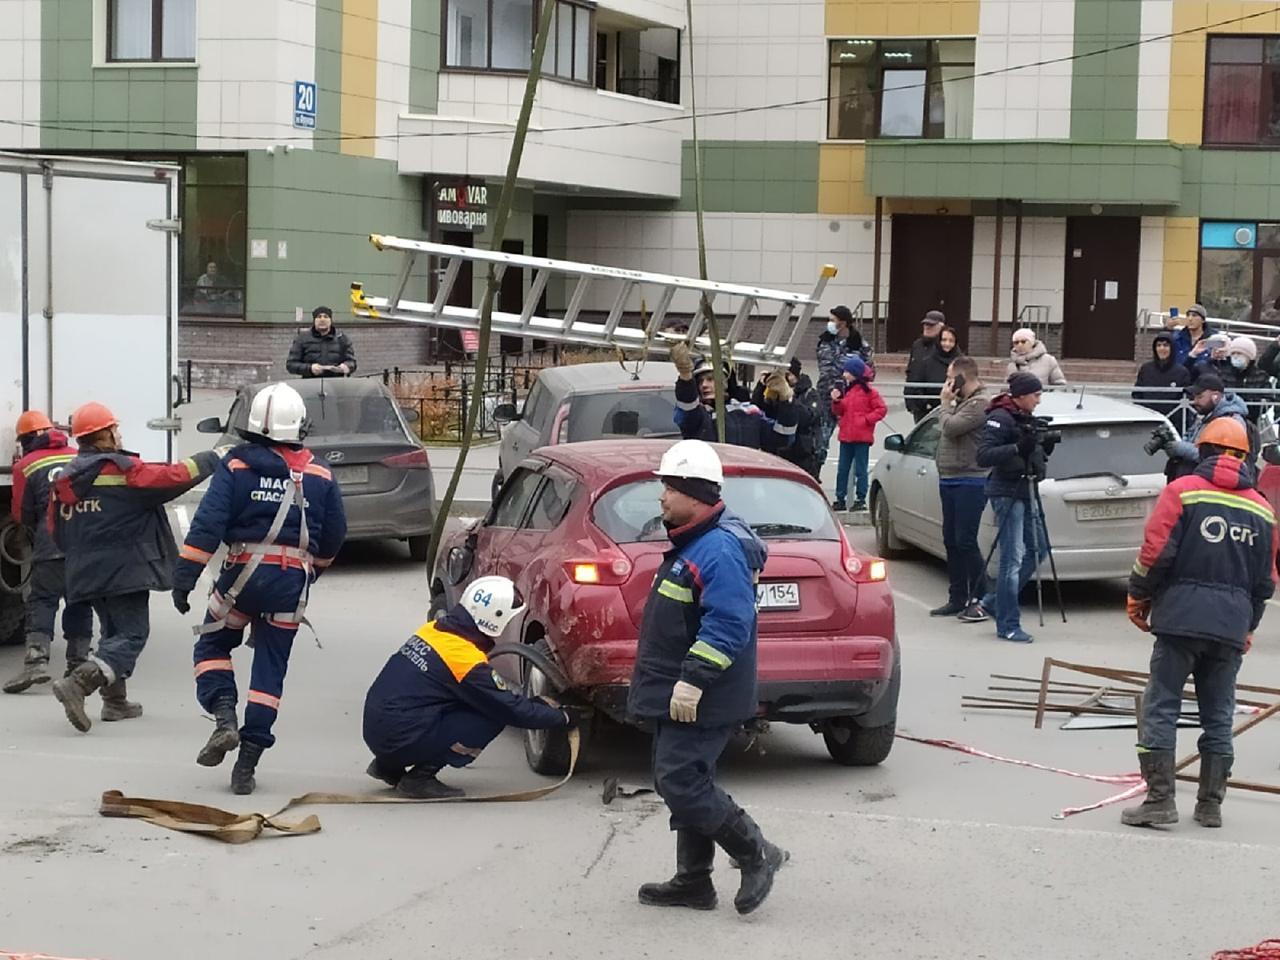 Фото Появились фото с места провала машин в яму с кипятком в Новосибирске 9